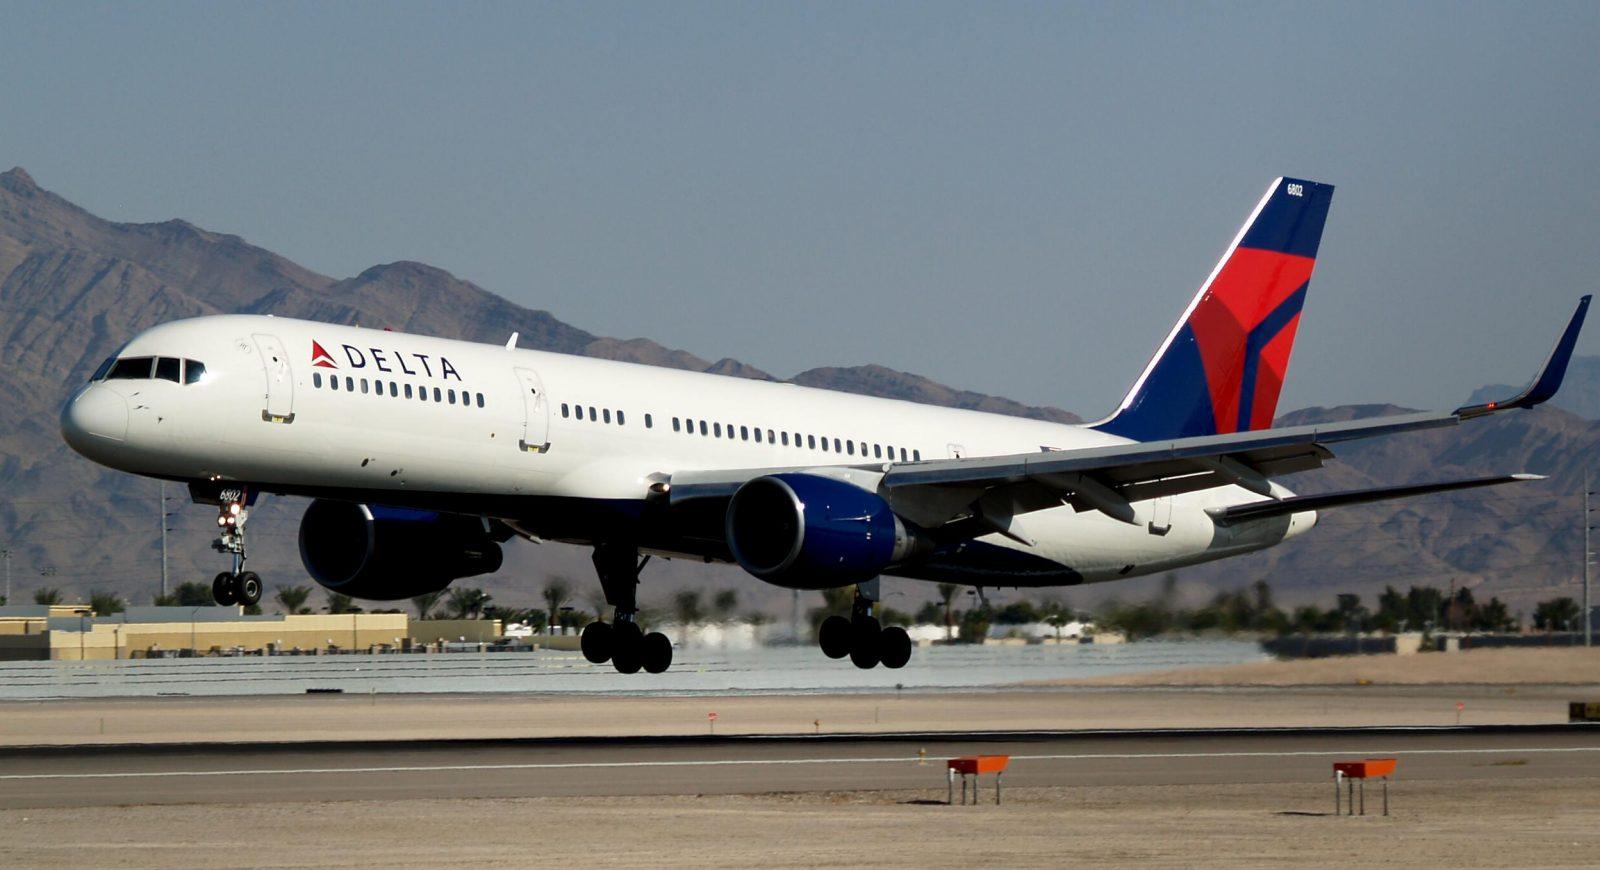 Delta Airlines s'associe à Wheels Up pour former une des plus grandes flottes d'avions privés au monde